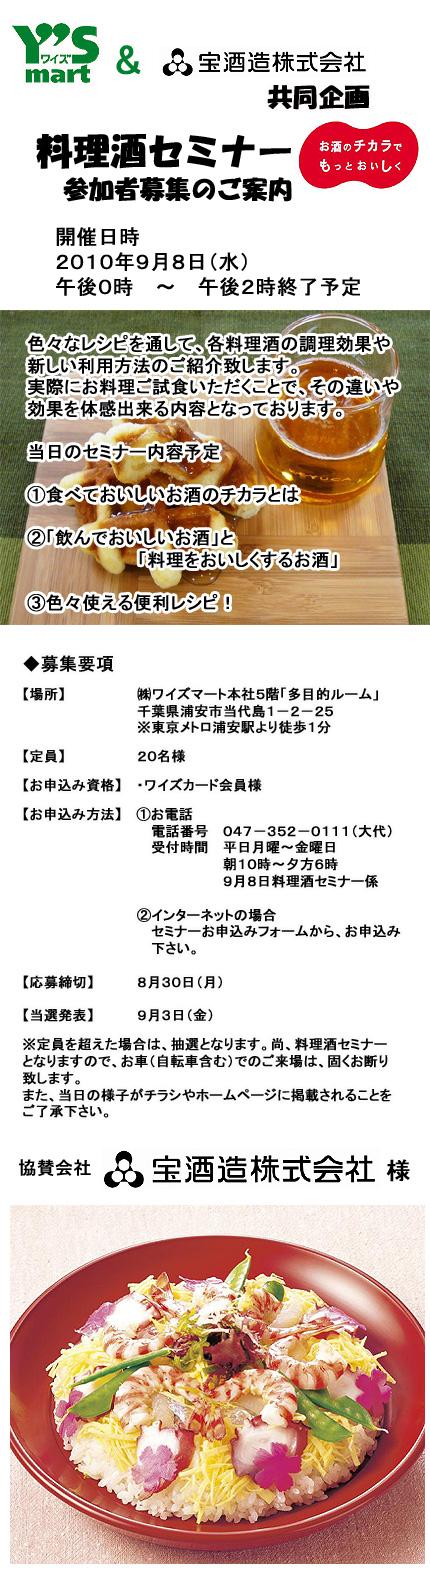 100908料理酒セミナー.jpg